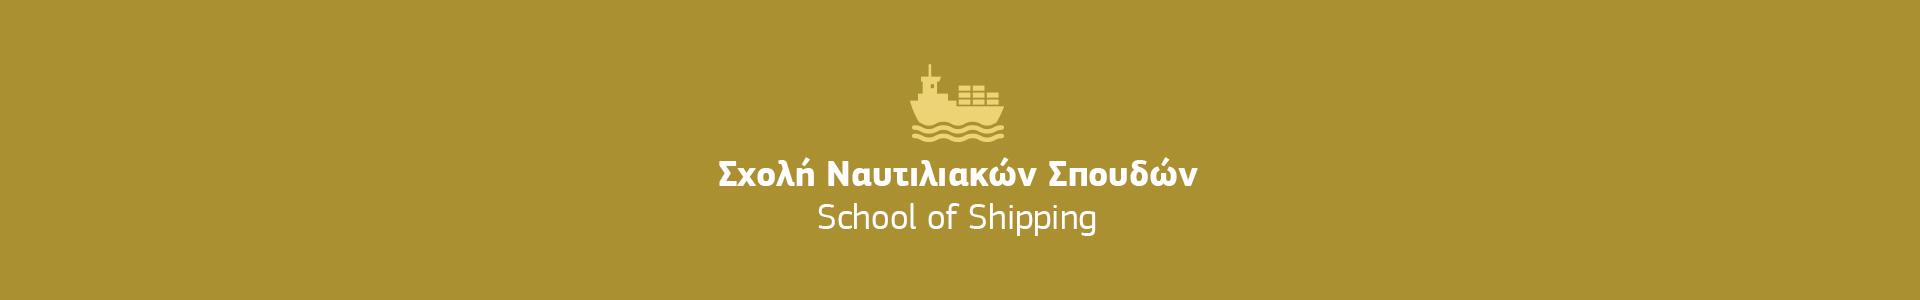 shipping-school3b